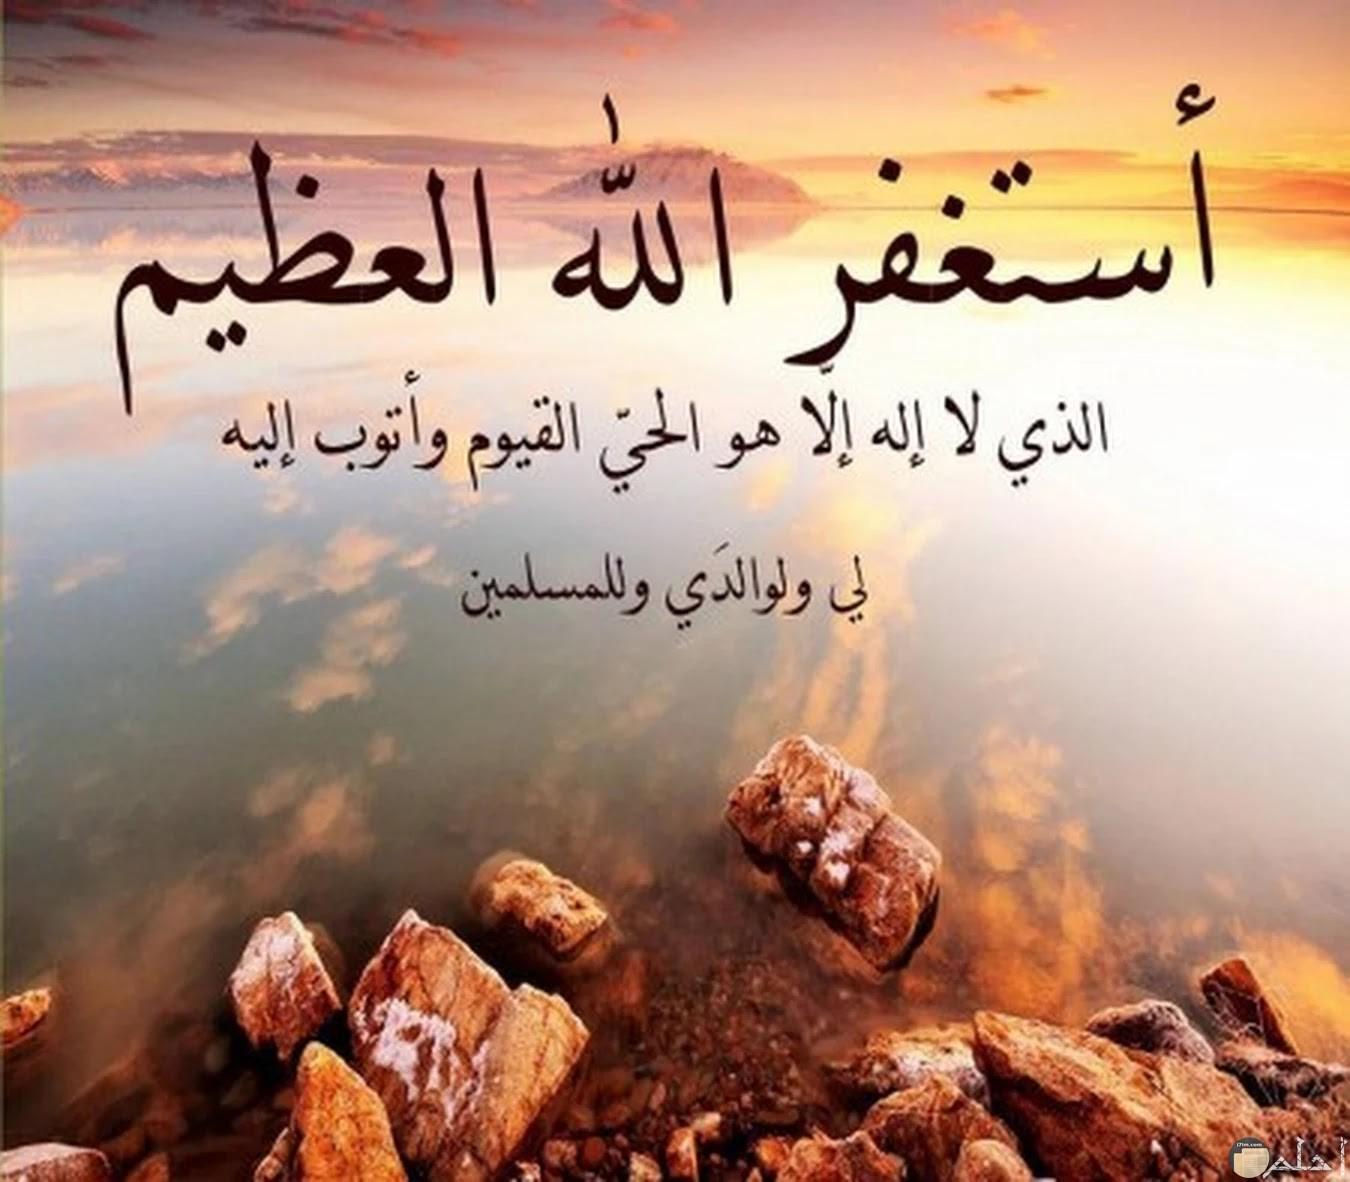 صورة مدونه بعبارة دينية عن الاستغفار